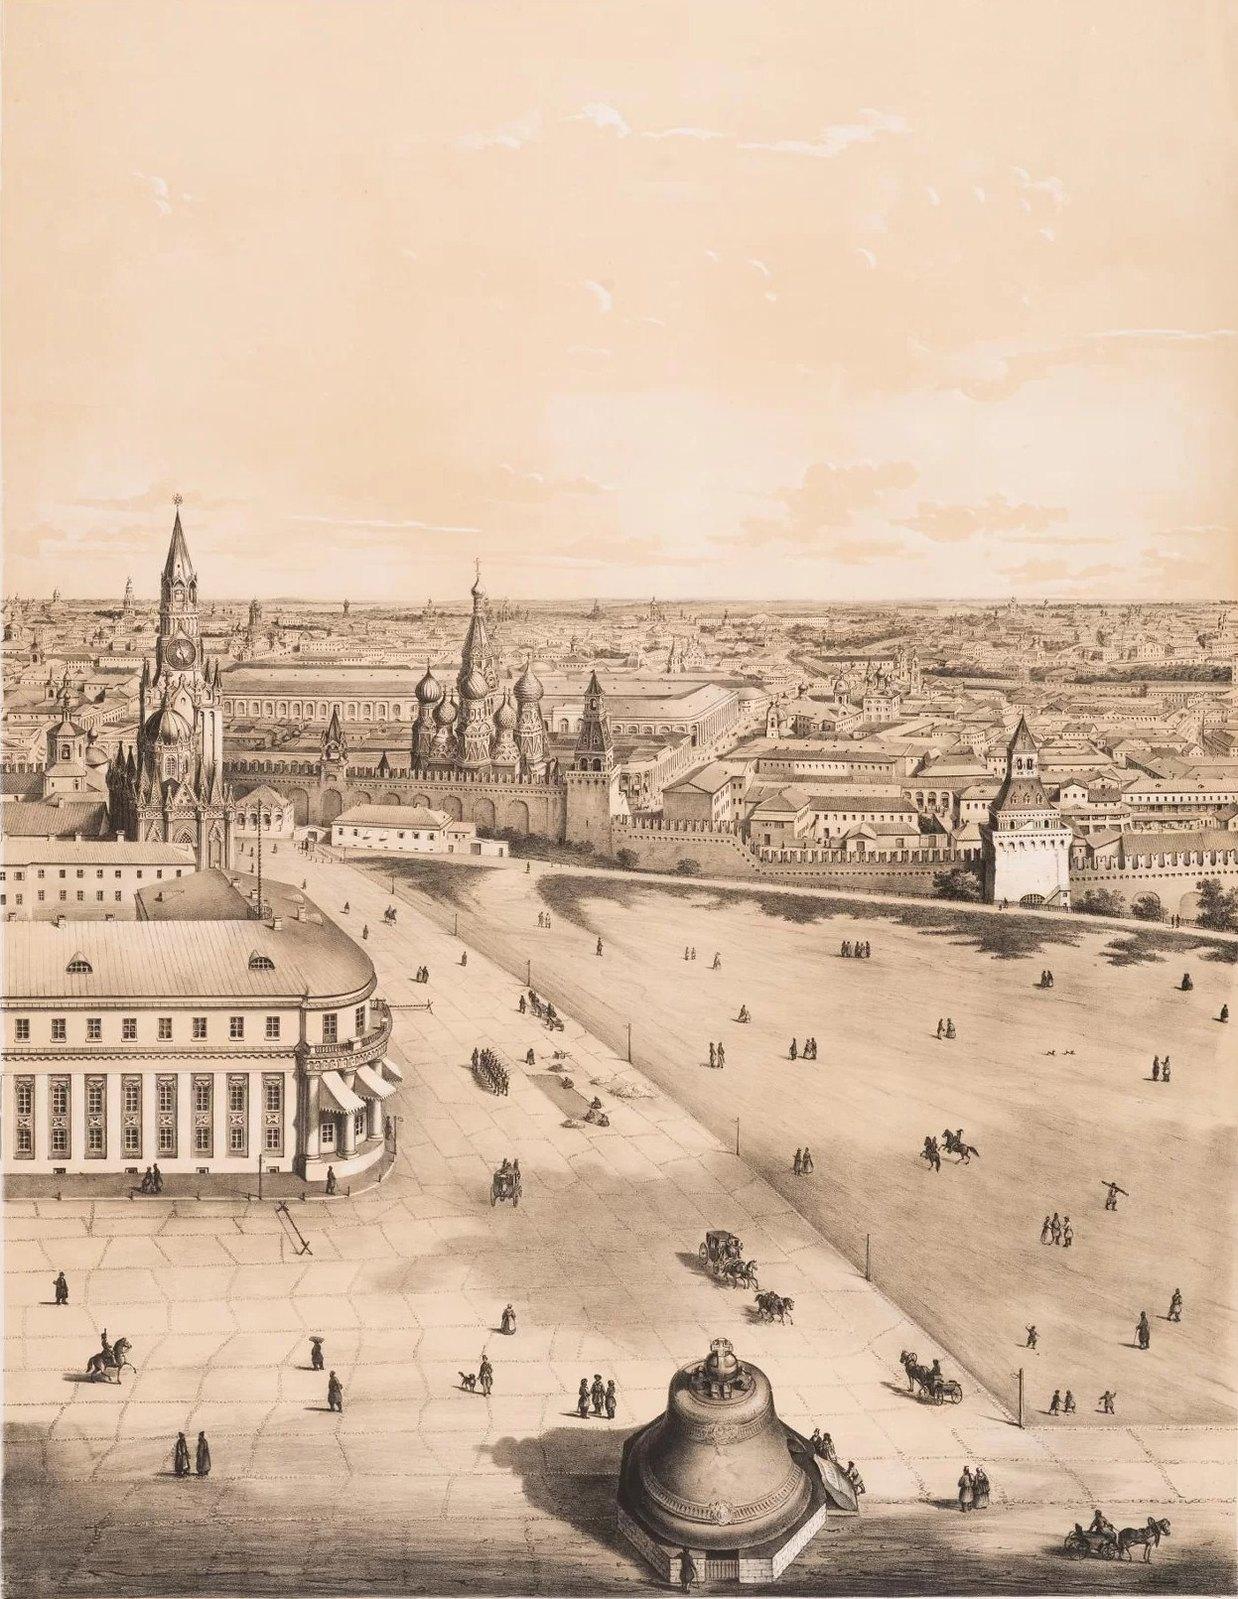 04. Панорама Москвы с колокольни Ивана Великого. Юго-восточная часть города. (Вид в сторону Воспитательного дома)